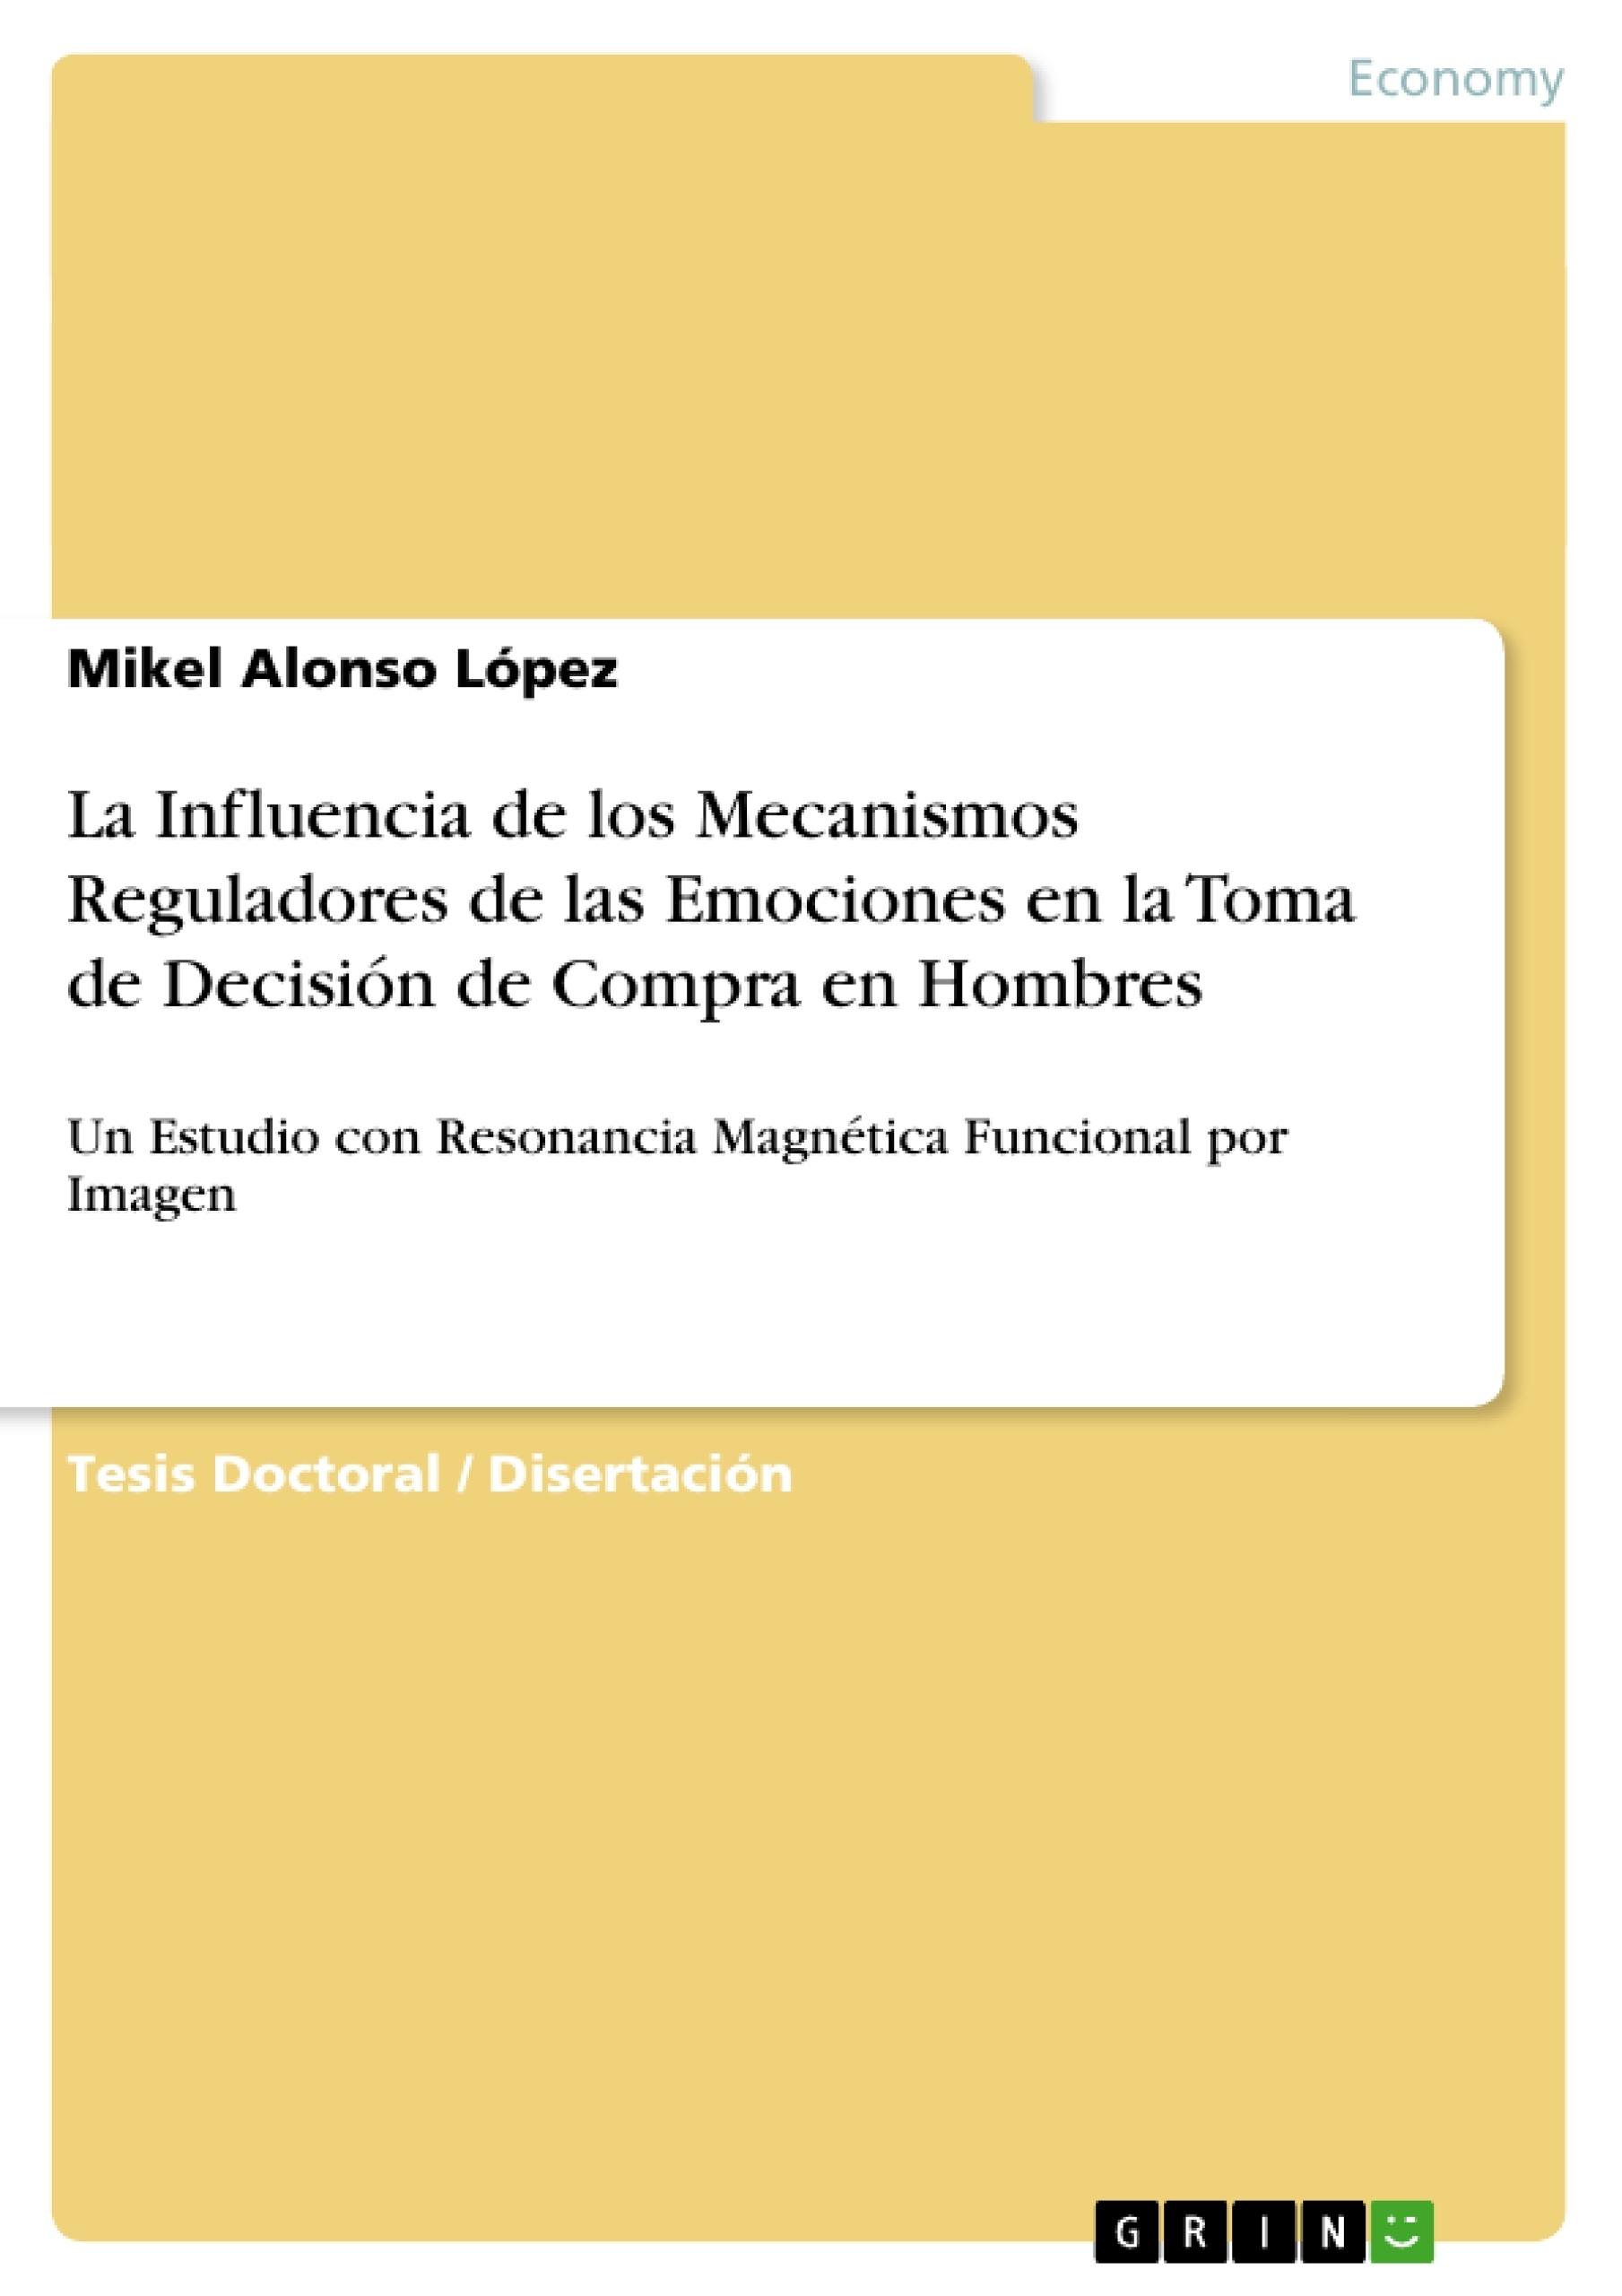 Título: La Influencia de los Mecanismos Reguladores de las Emociones en la Toma de Decisión de Compra en Hombres